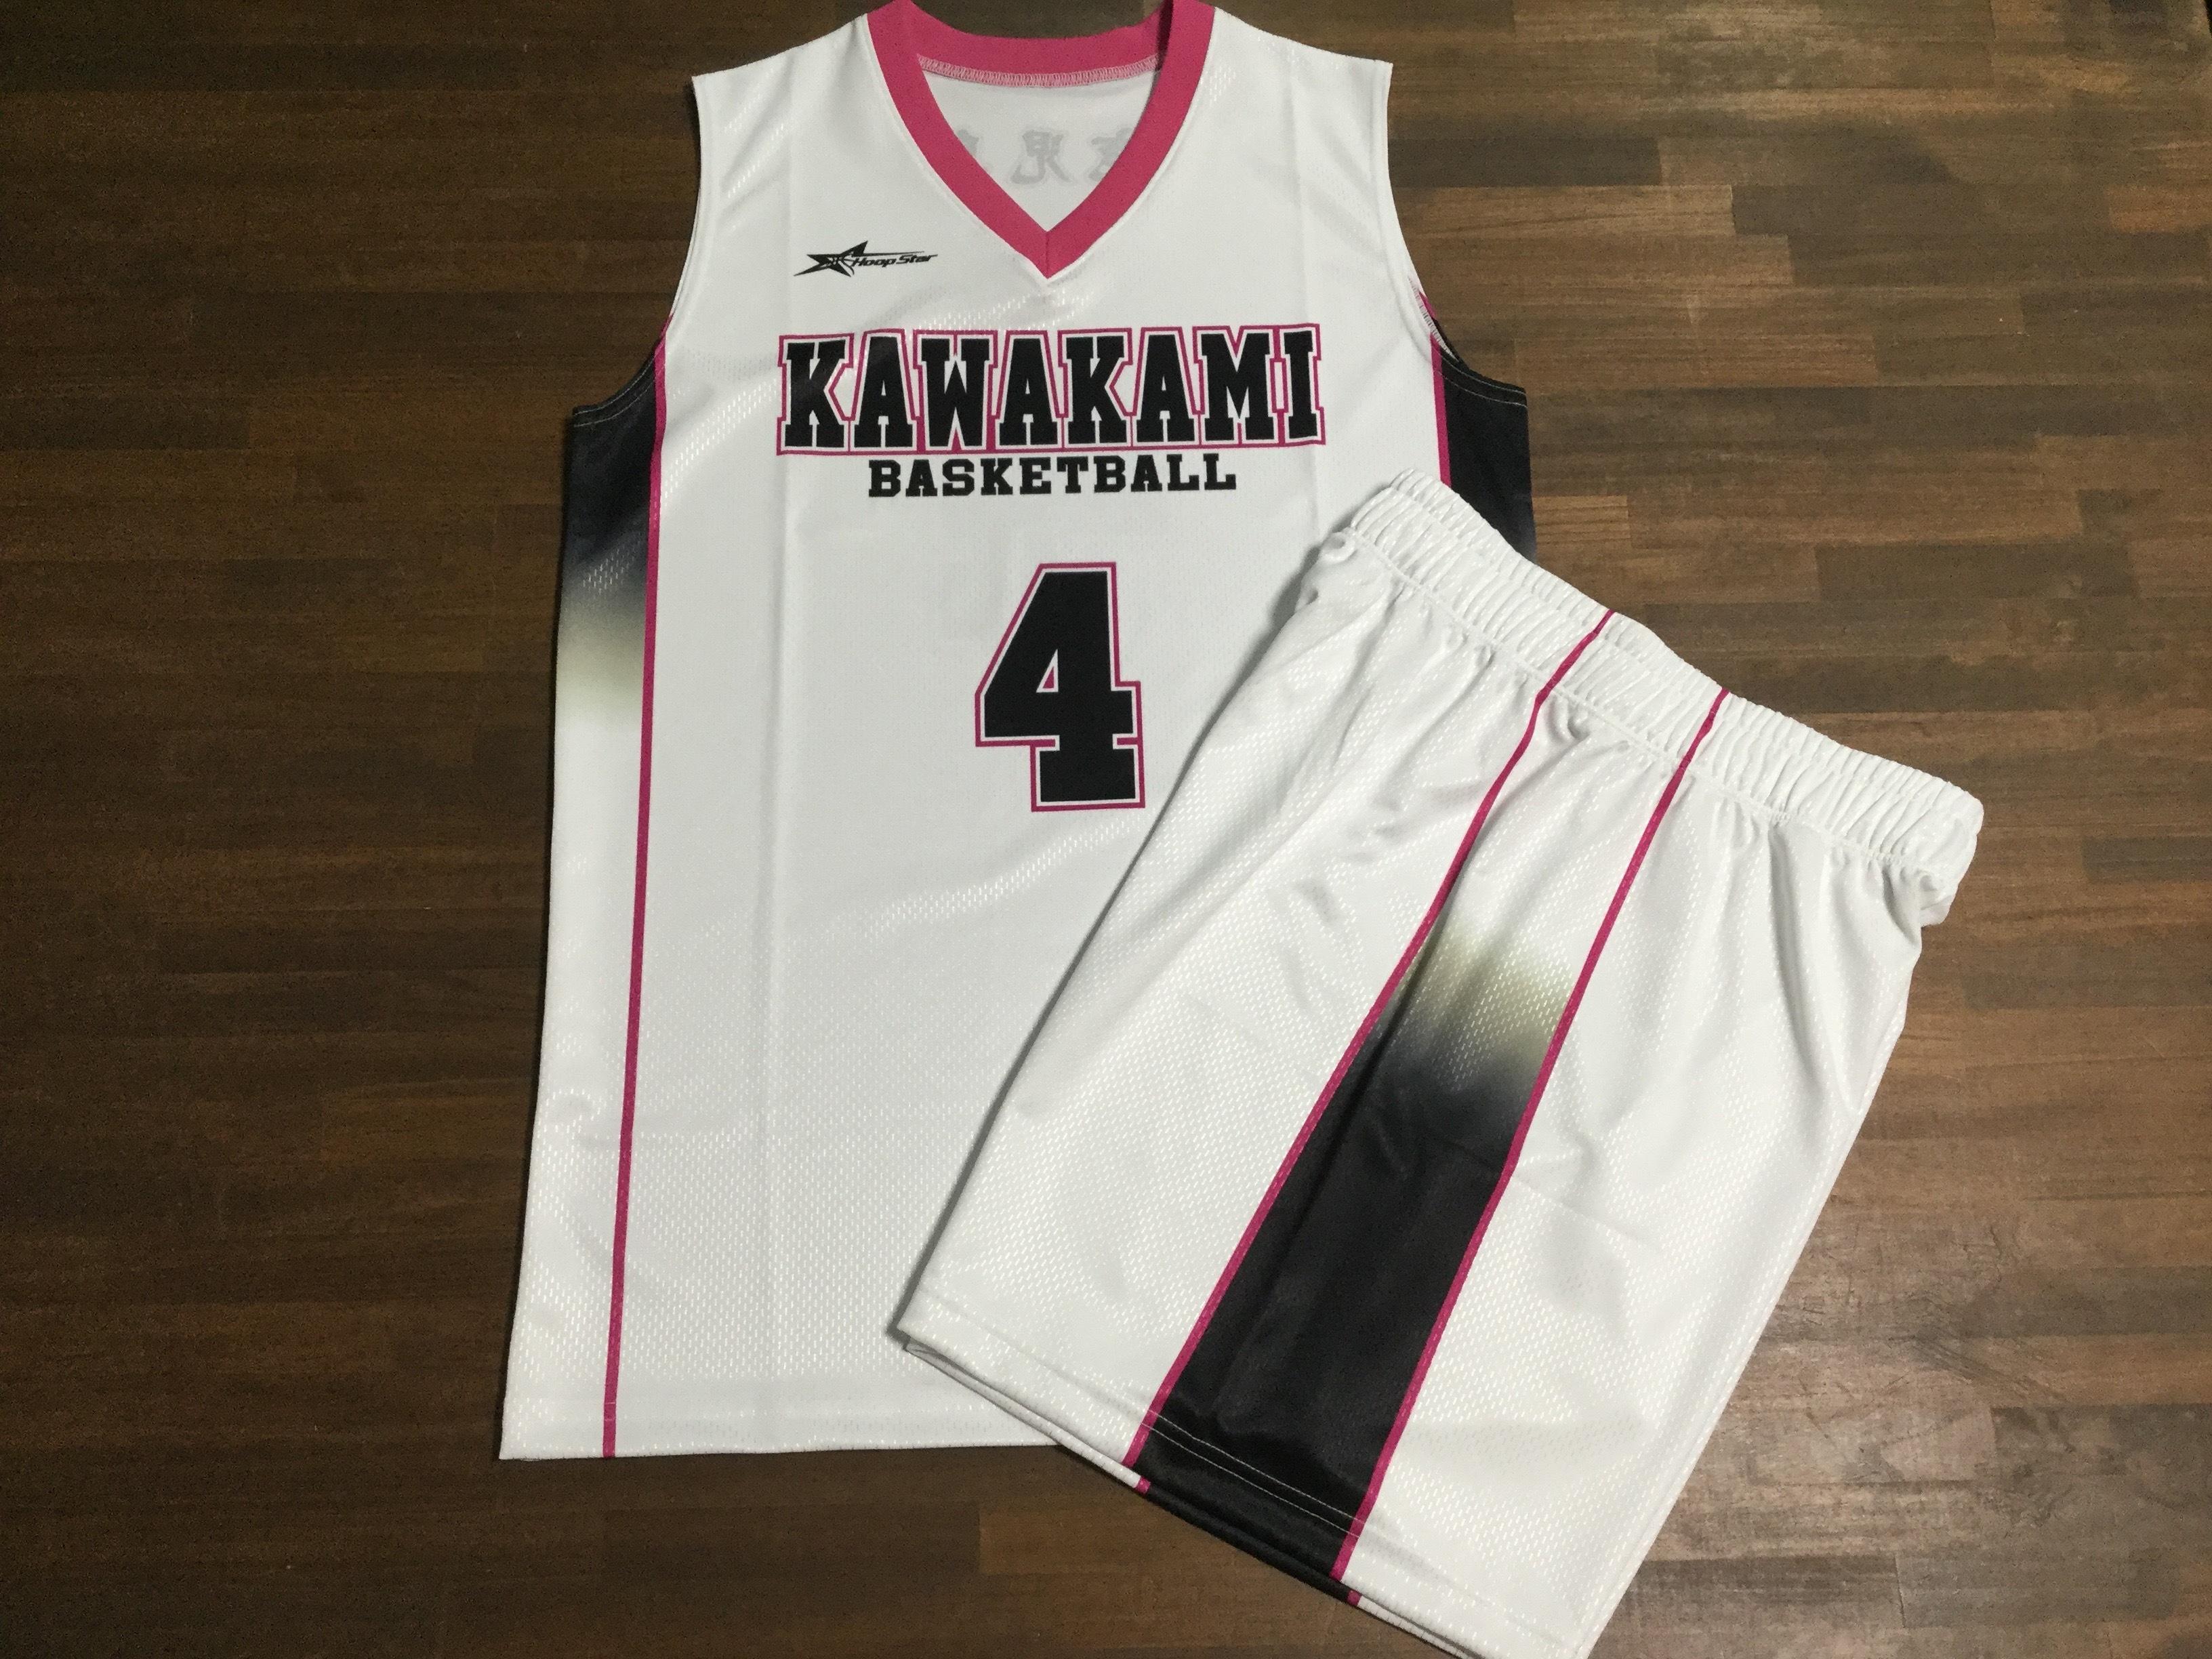 【デザインサンプル】川上ミニバスケットボールスポーツ少年団(U12・女子)昇華ユニフォーム